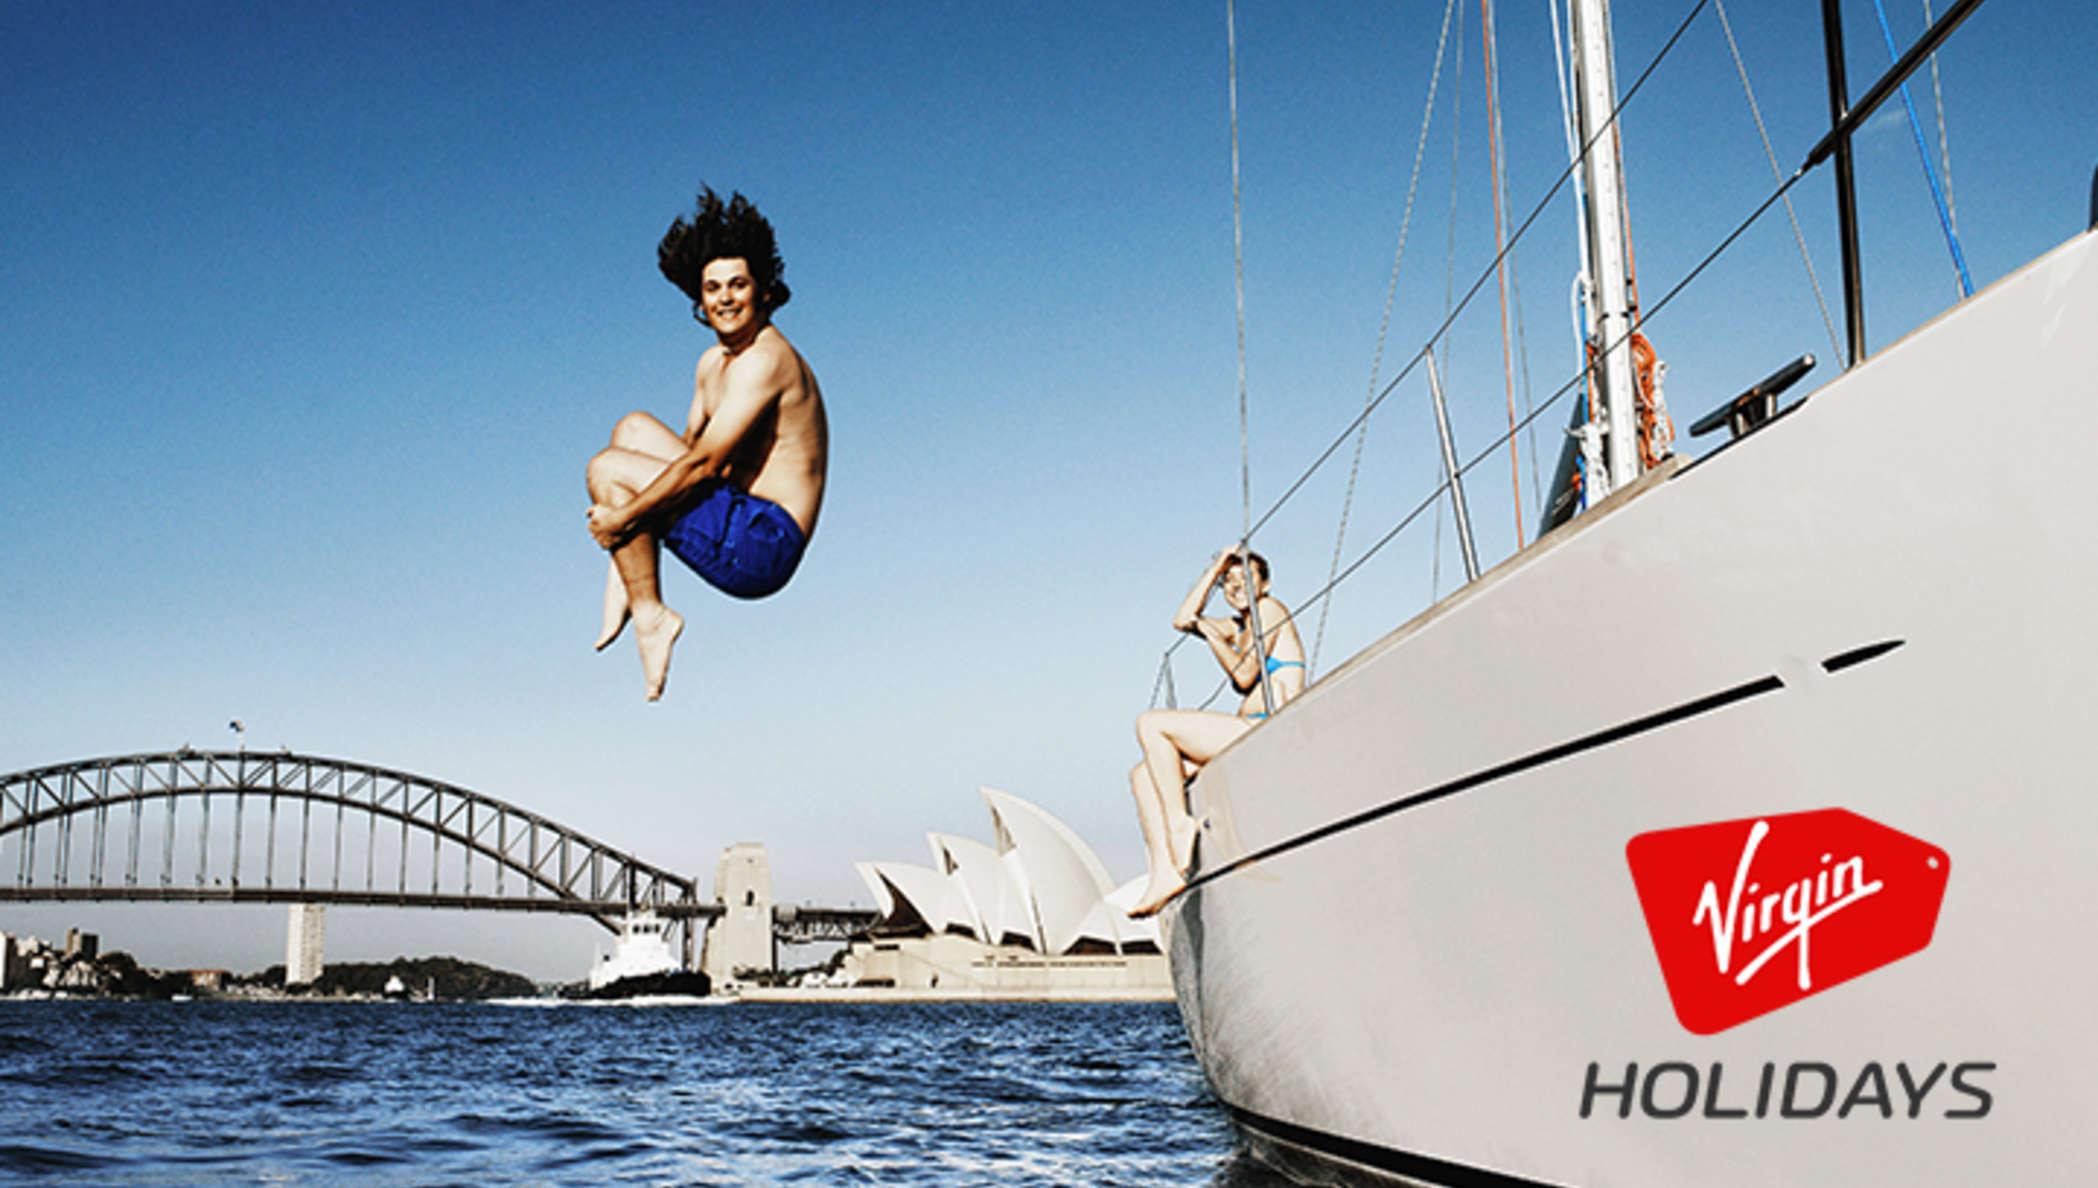 Un jeune homme sautant dans l'eau depuis un bateau